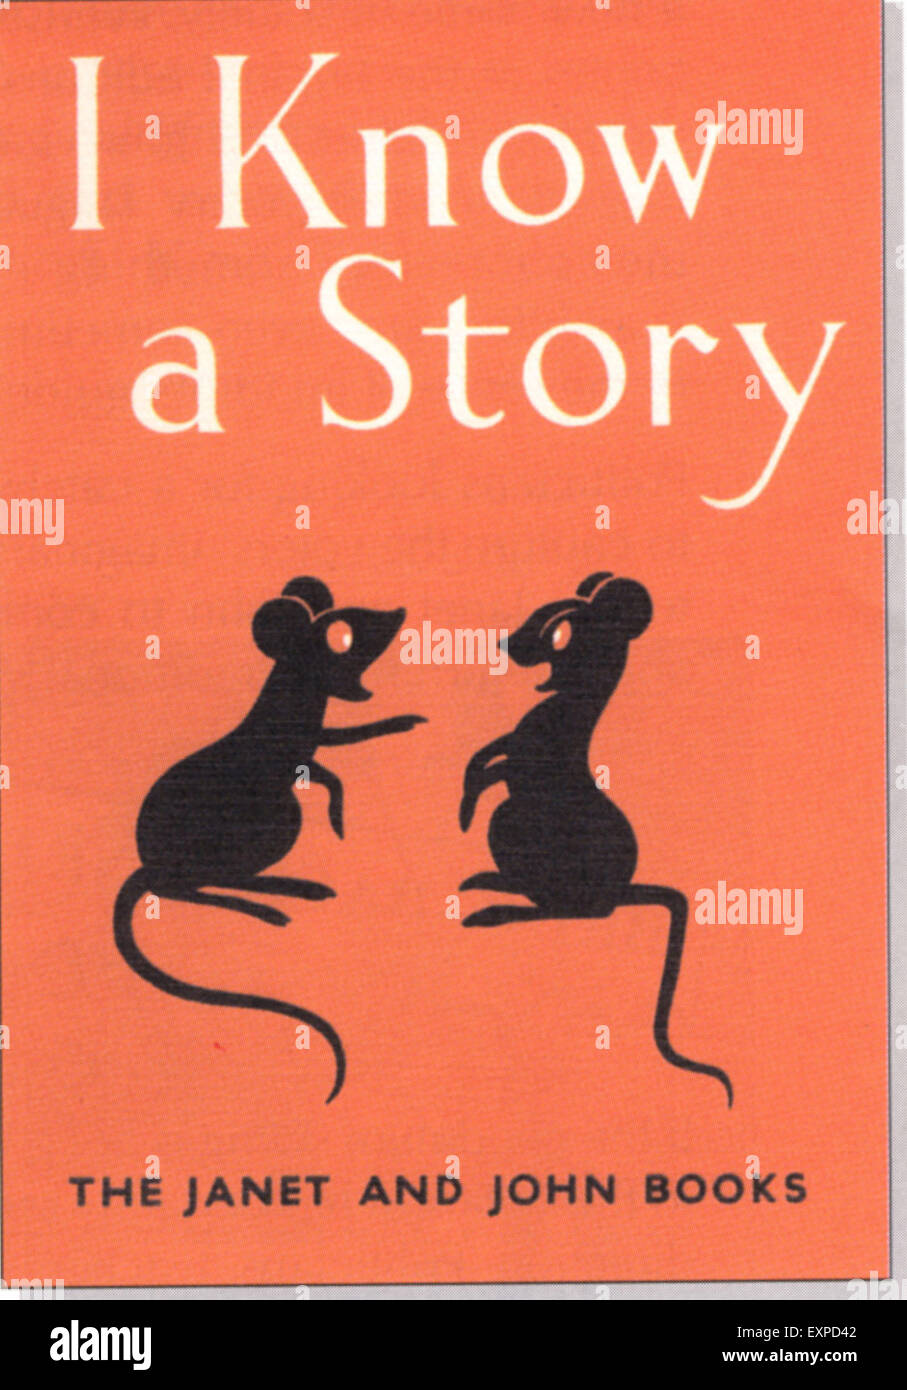 1950 UK JE SAIS UNE HISTOIRE Couverture du livre Photo Stock